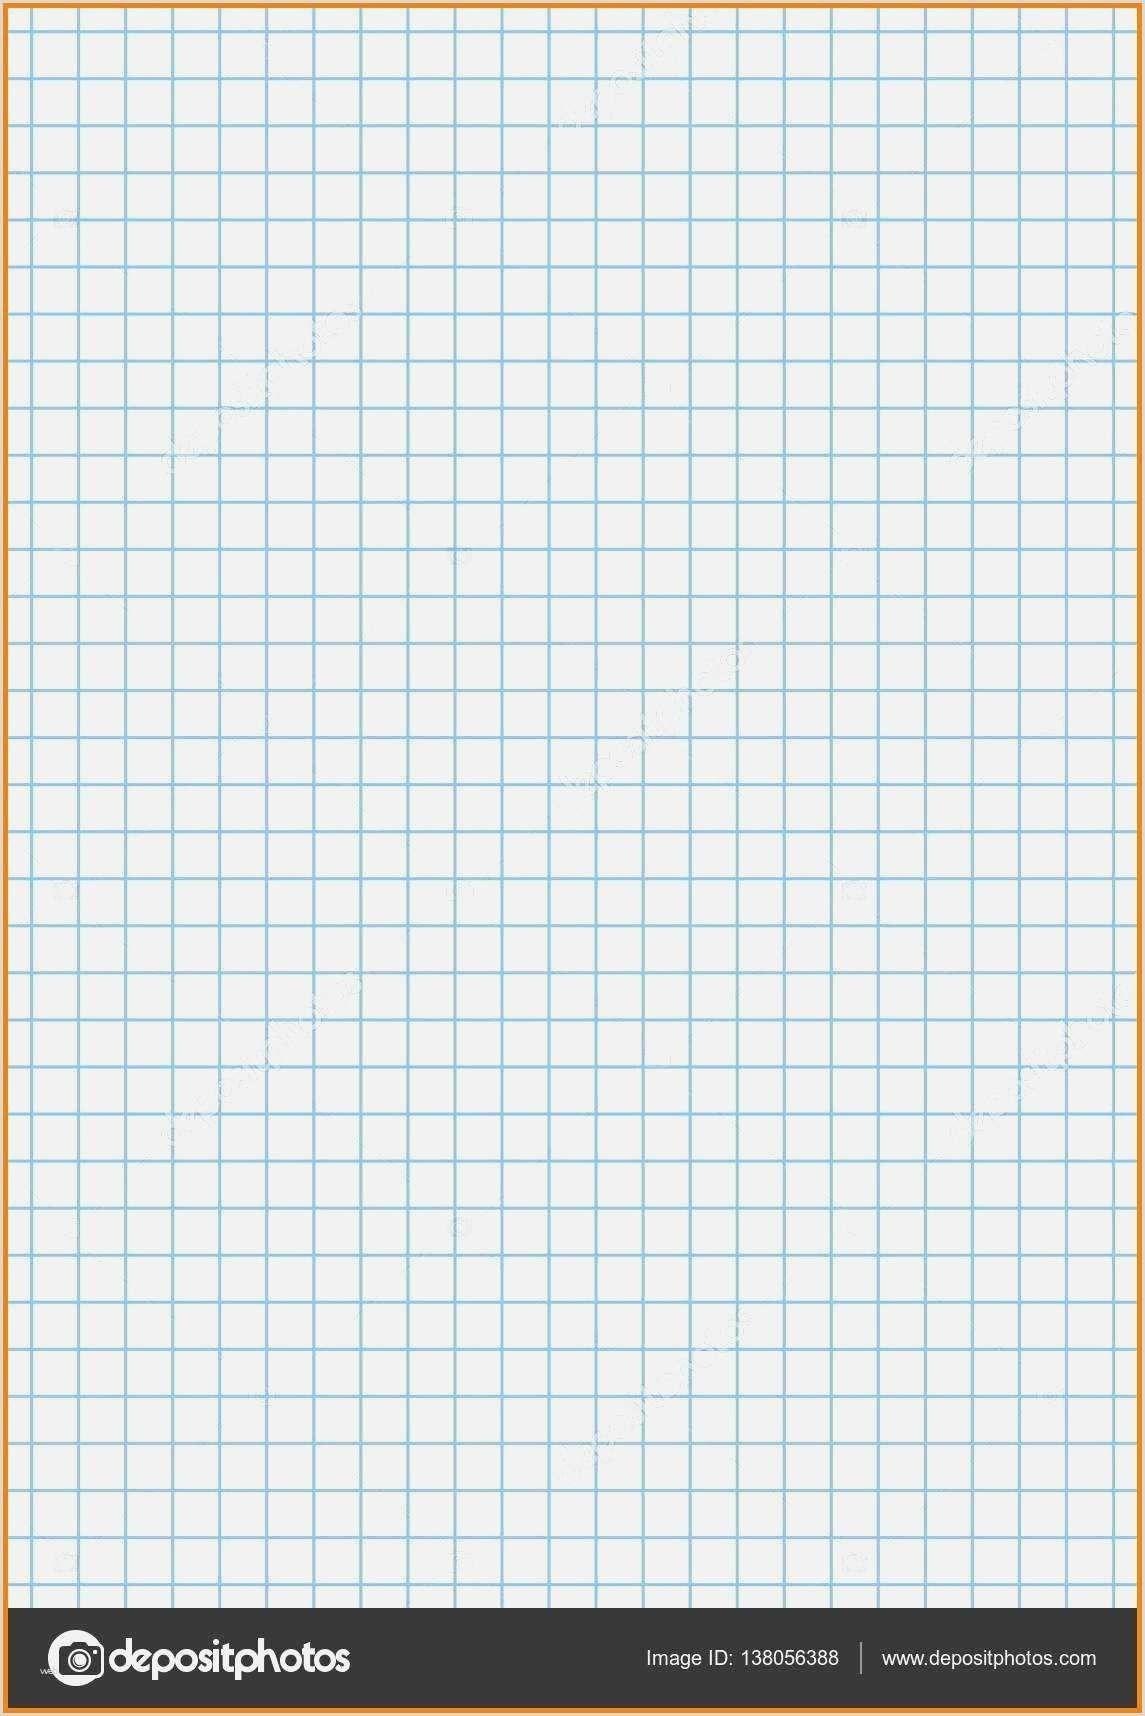 Frisch Liniertes Papier Zum Ausdrucken   Liniertes Papier ganzes Karierte Blätter